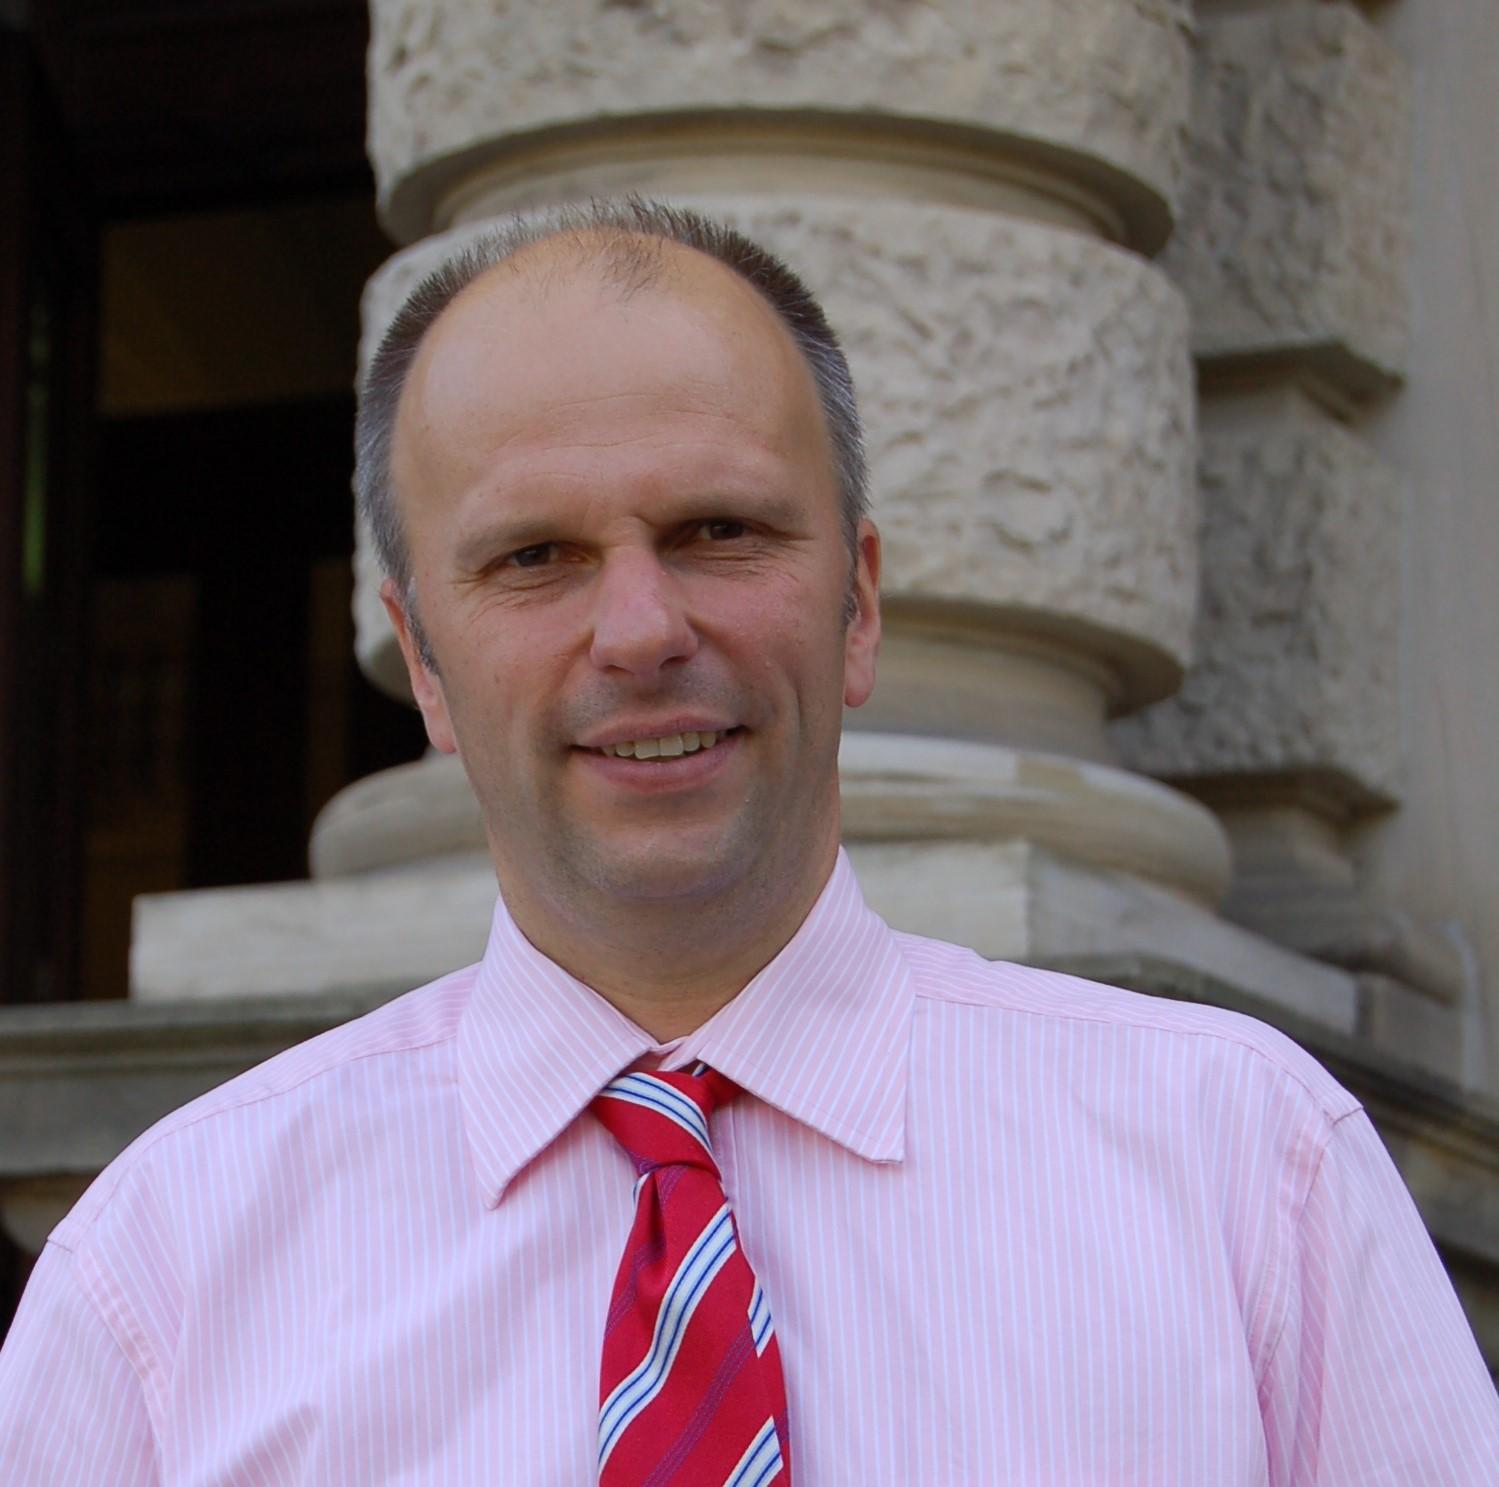 Dr. Andreas Schmidt